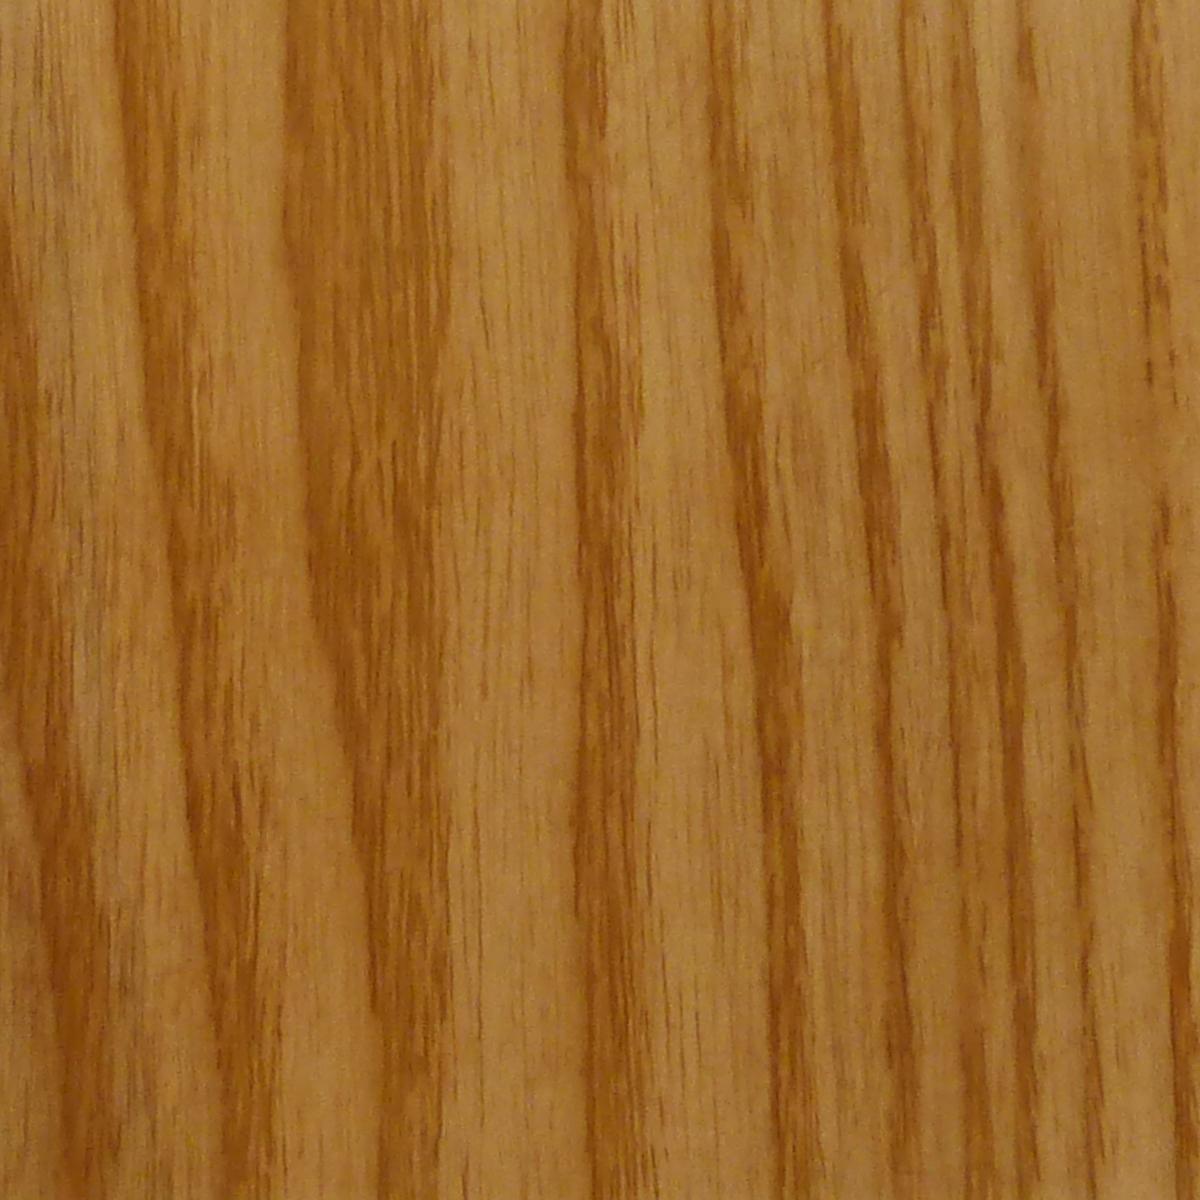 Oak, Light